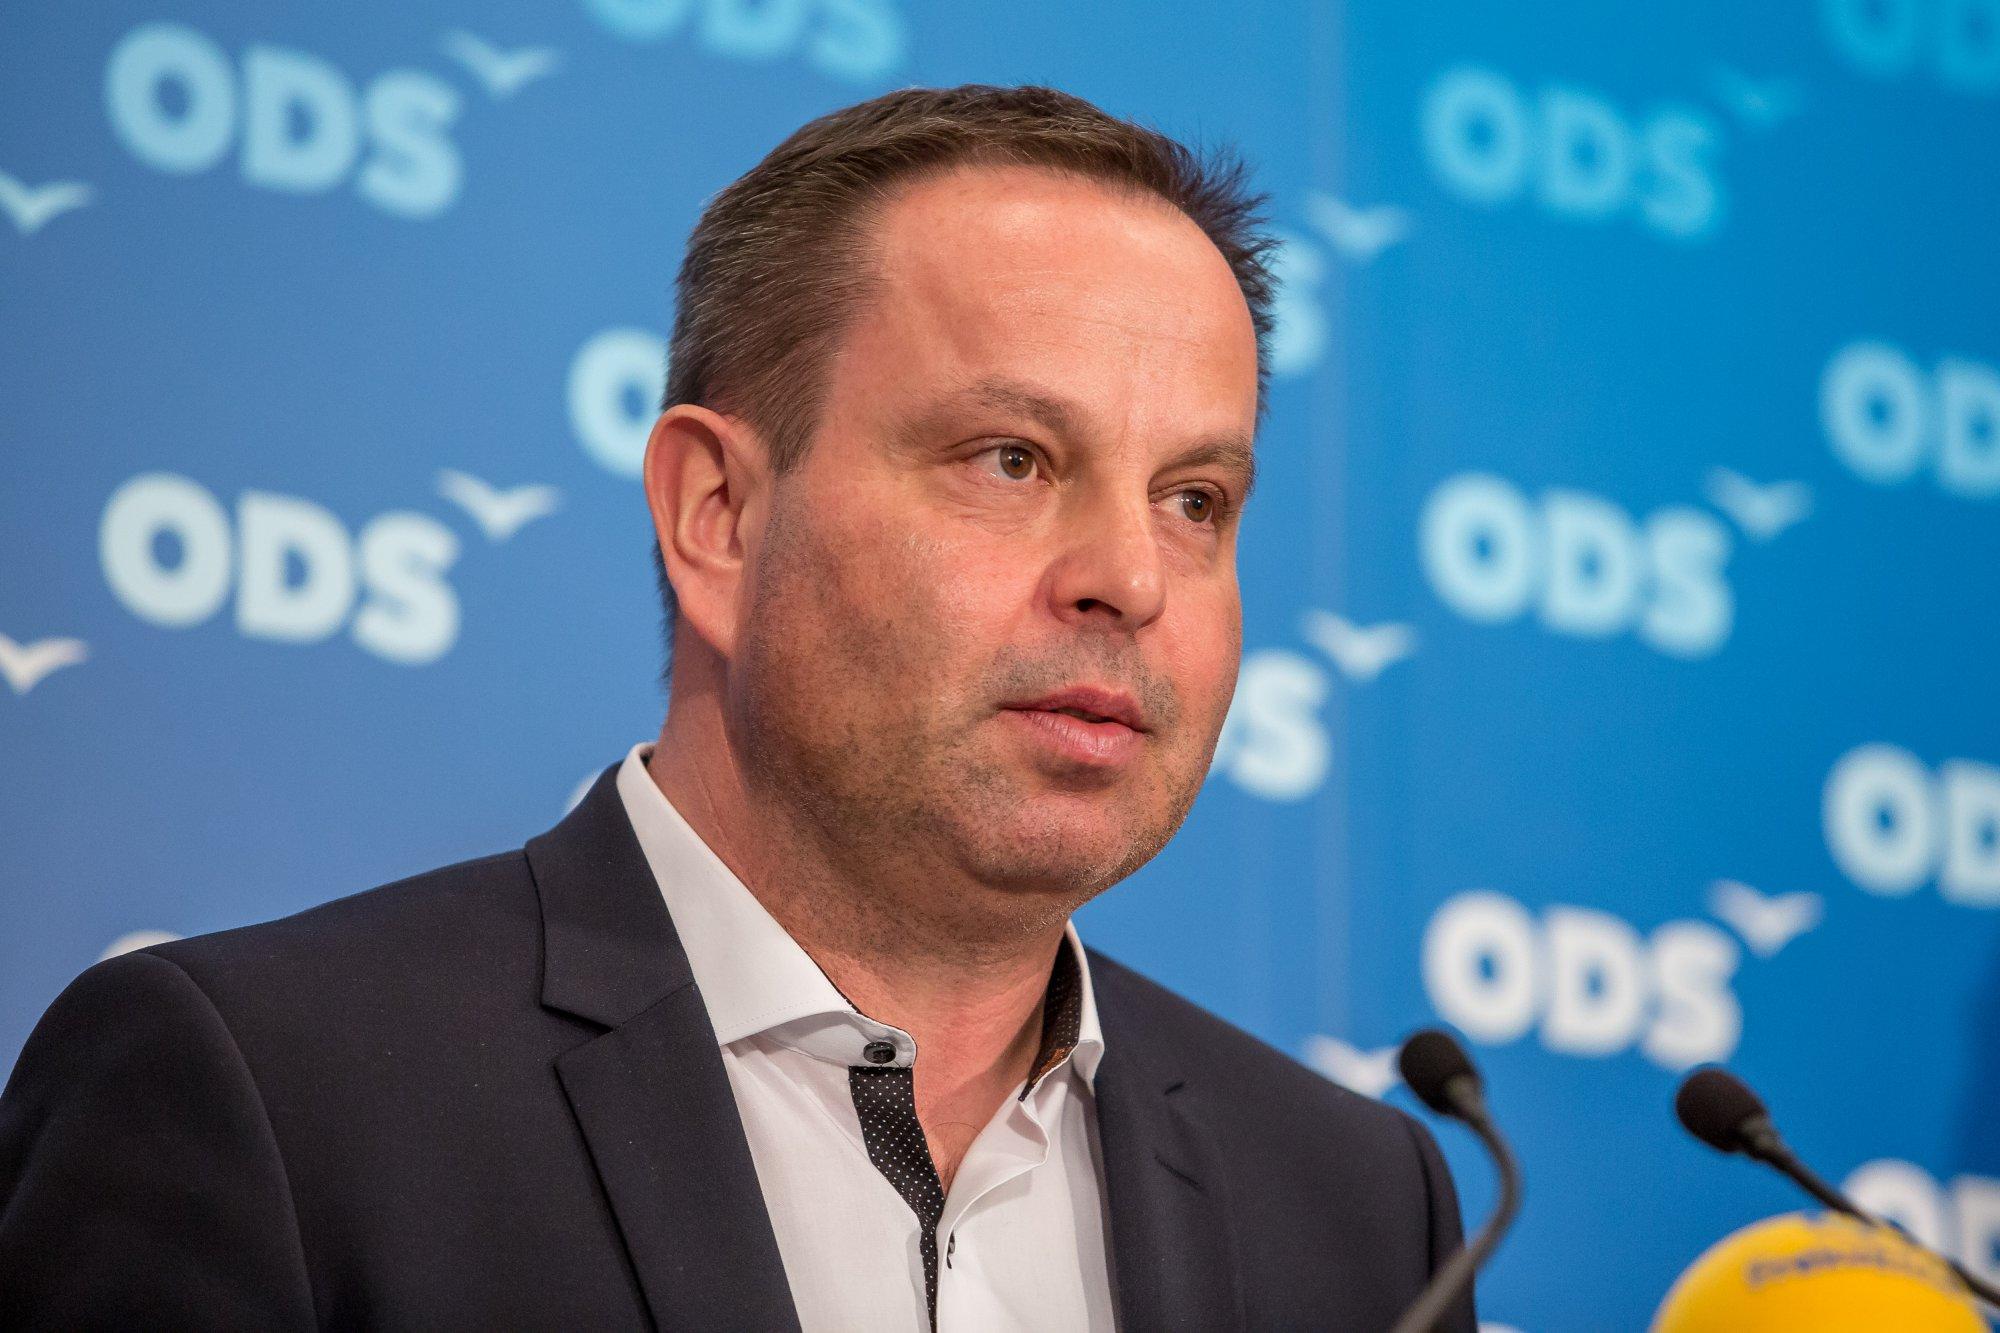 Poslanci ANO a ČSSD odmítli přednostně projednat zvýšení rodičovského příspěvku